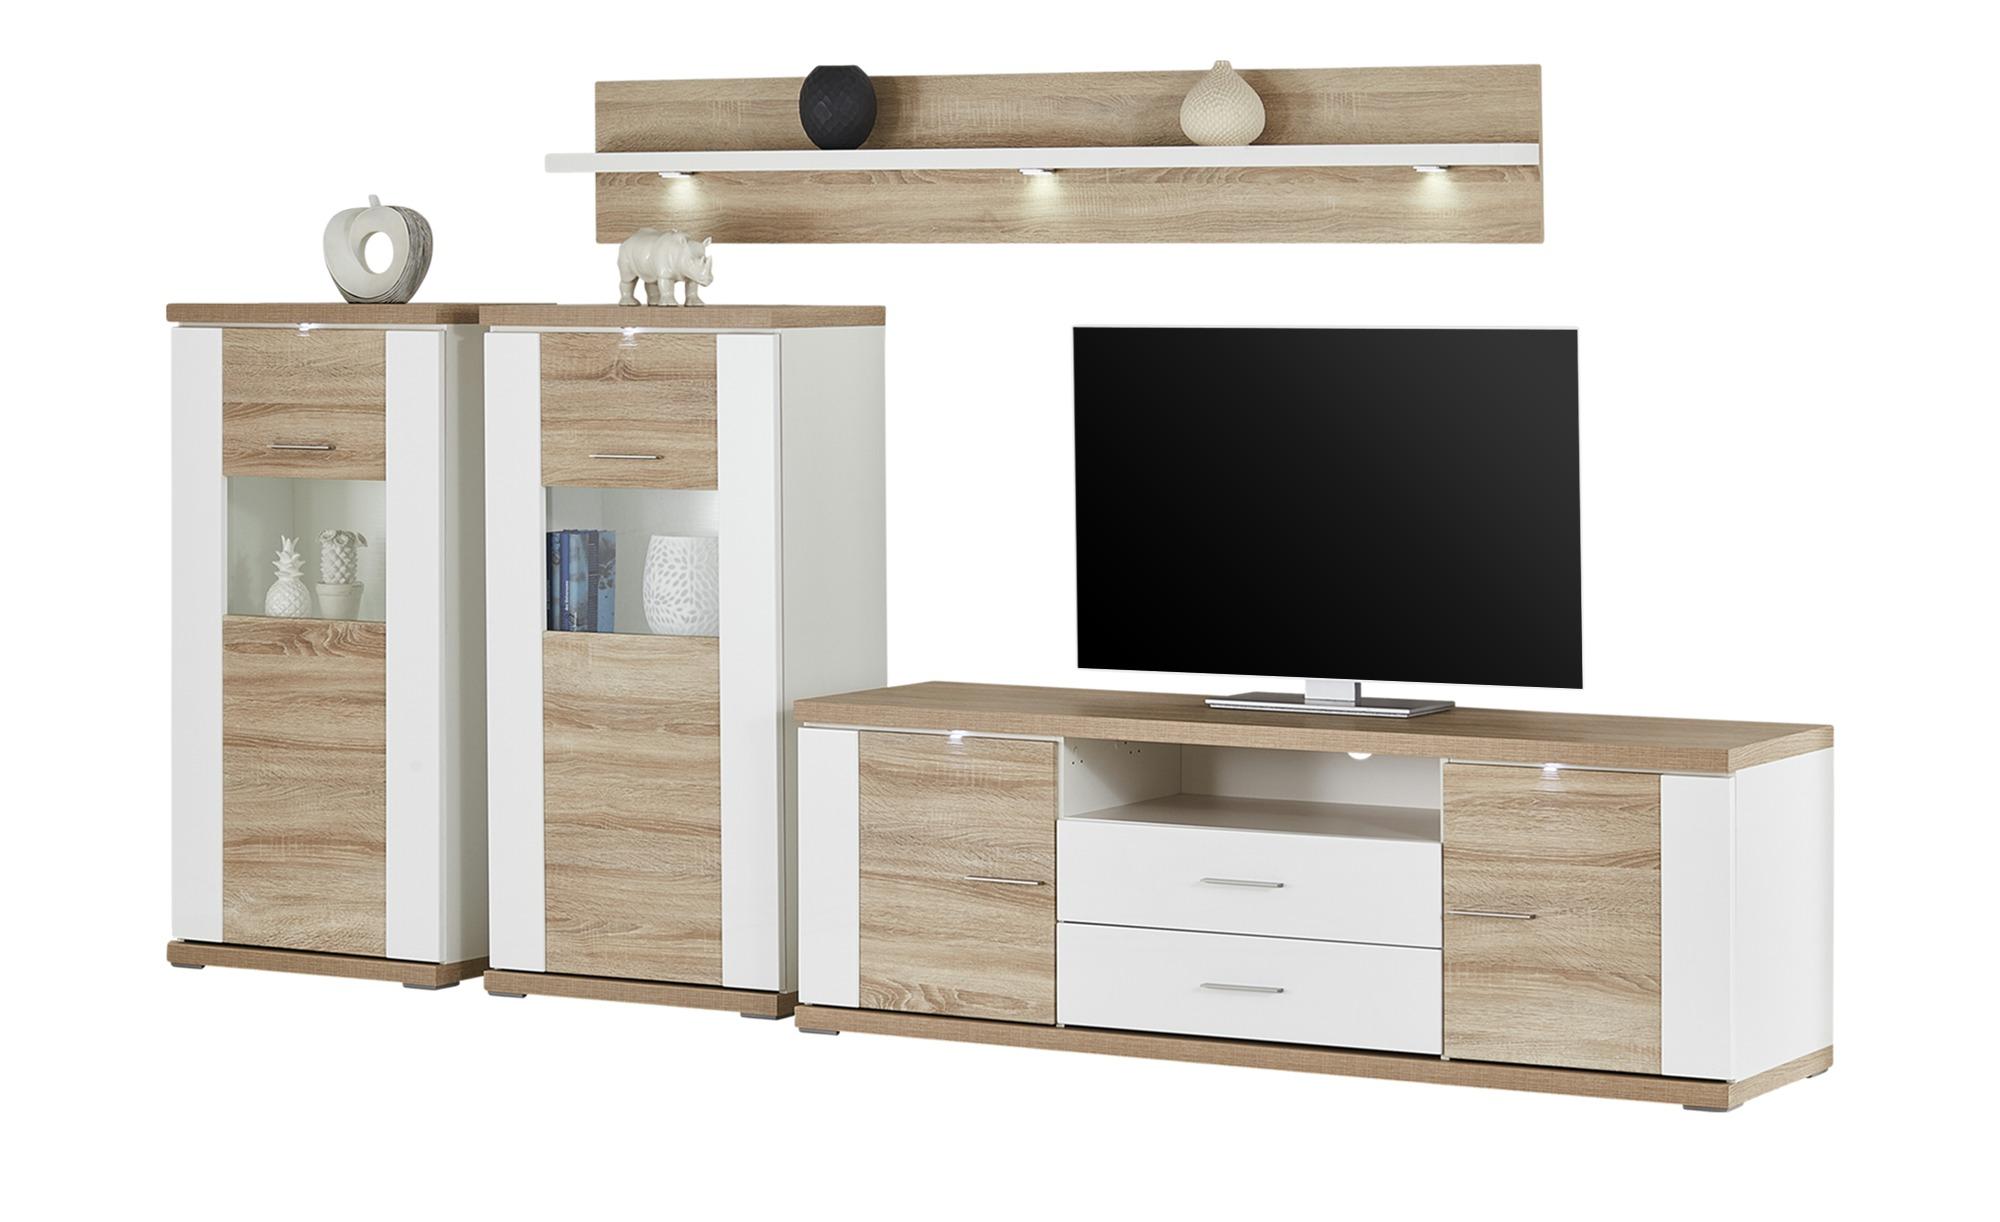 Wohnzimmermobel Massiv Modern Fernsehschrank Versenkbarer Tv